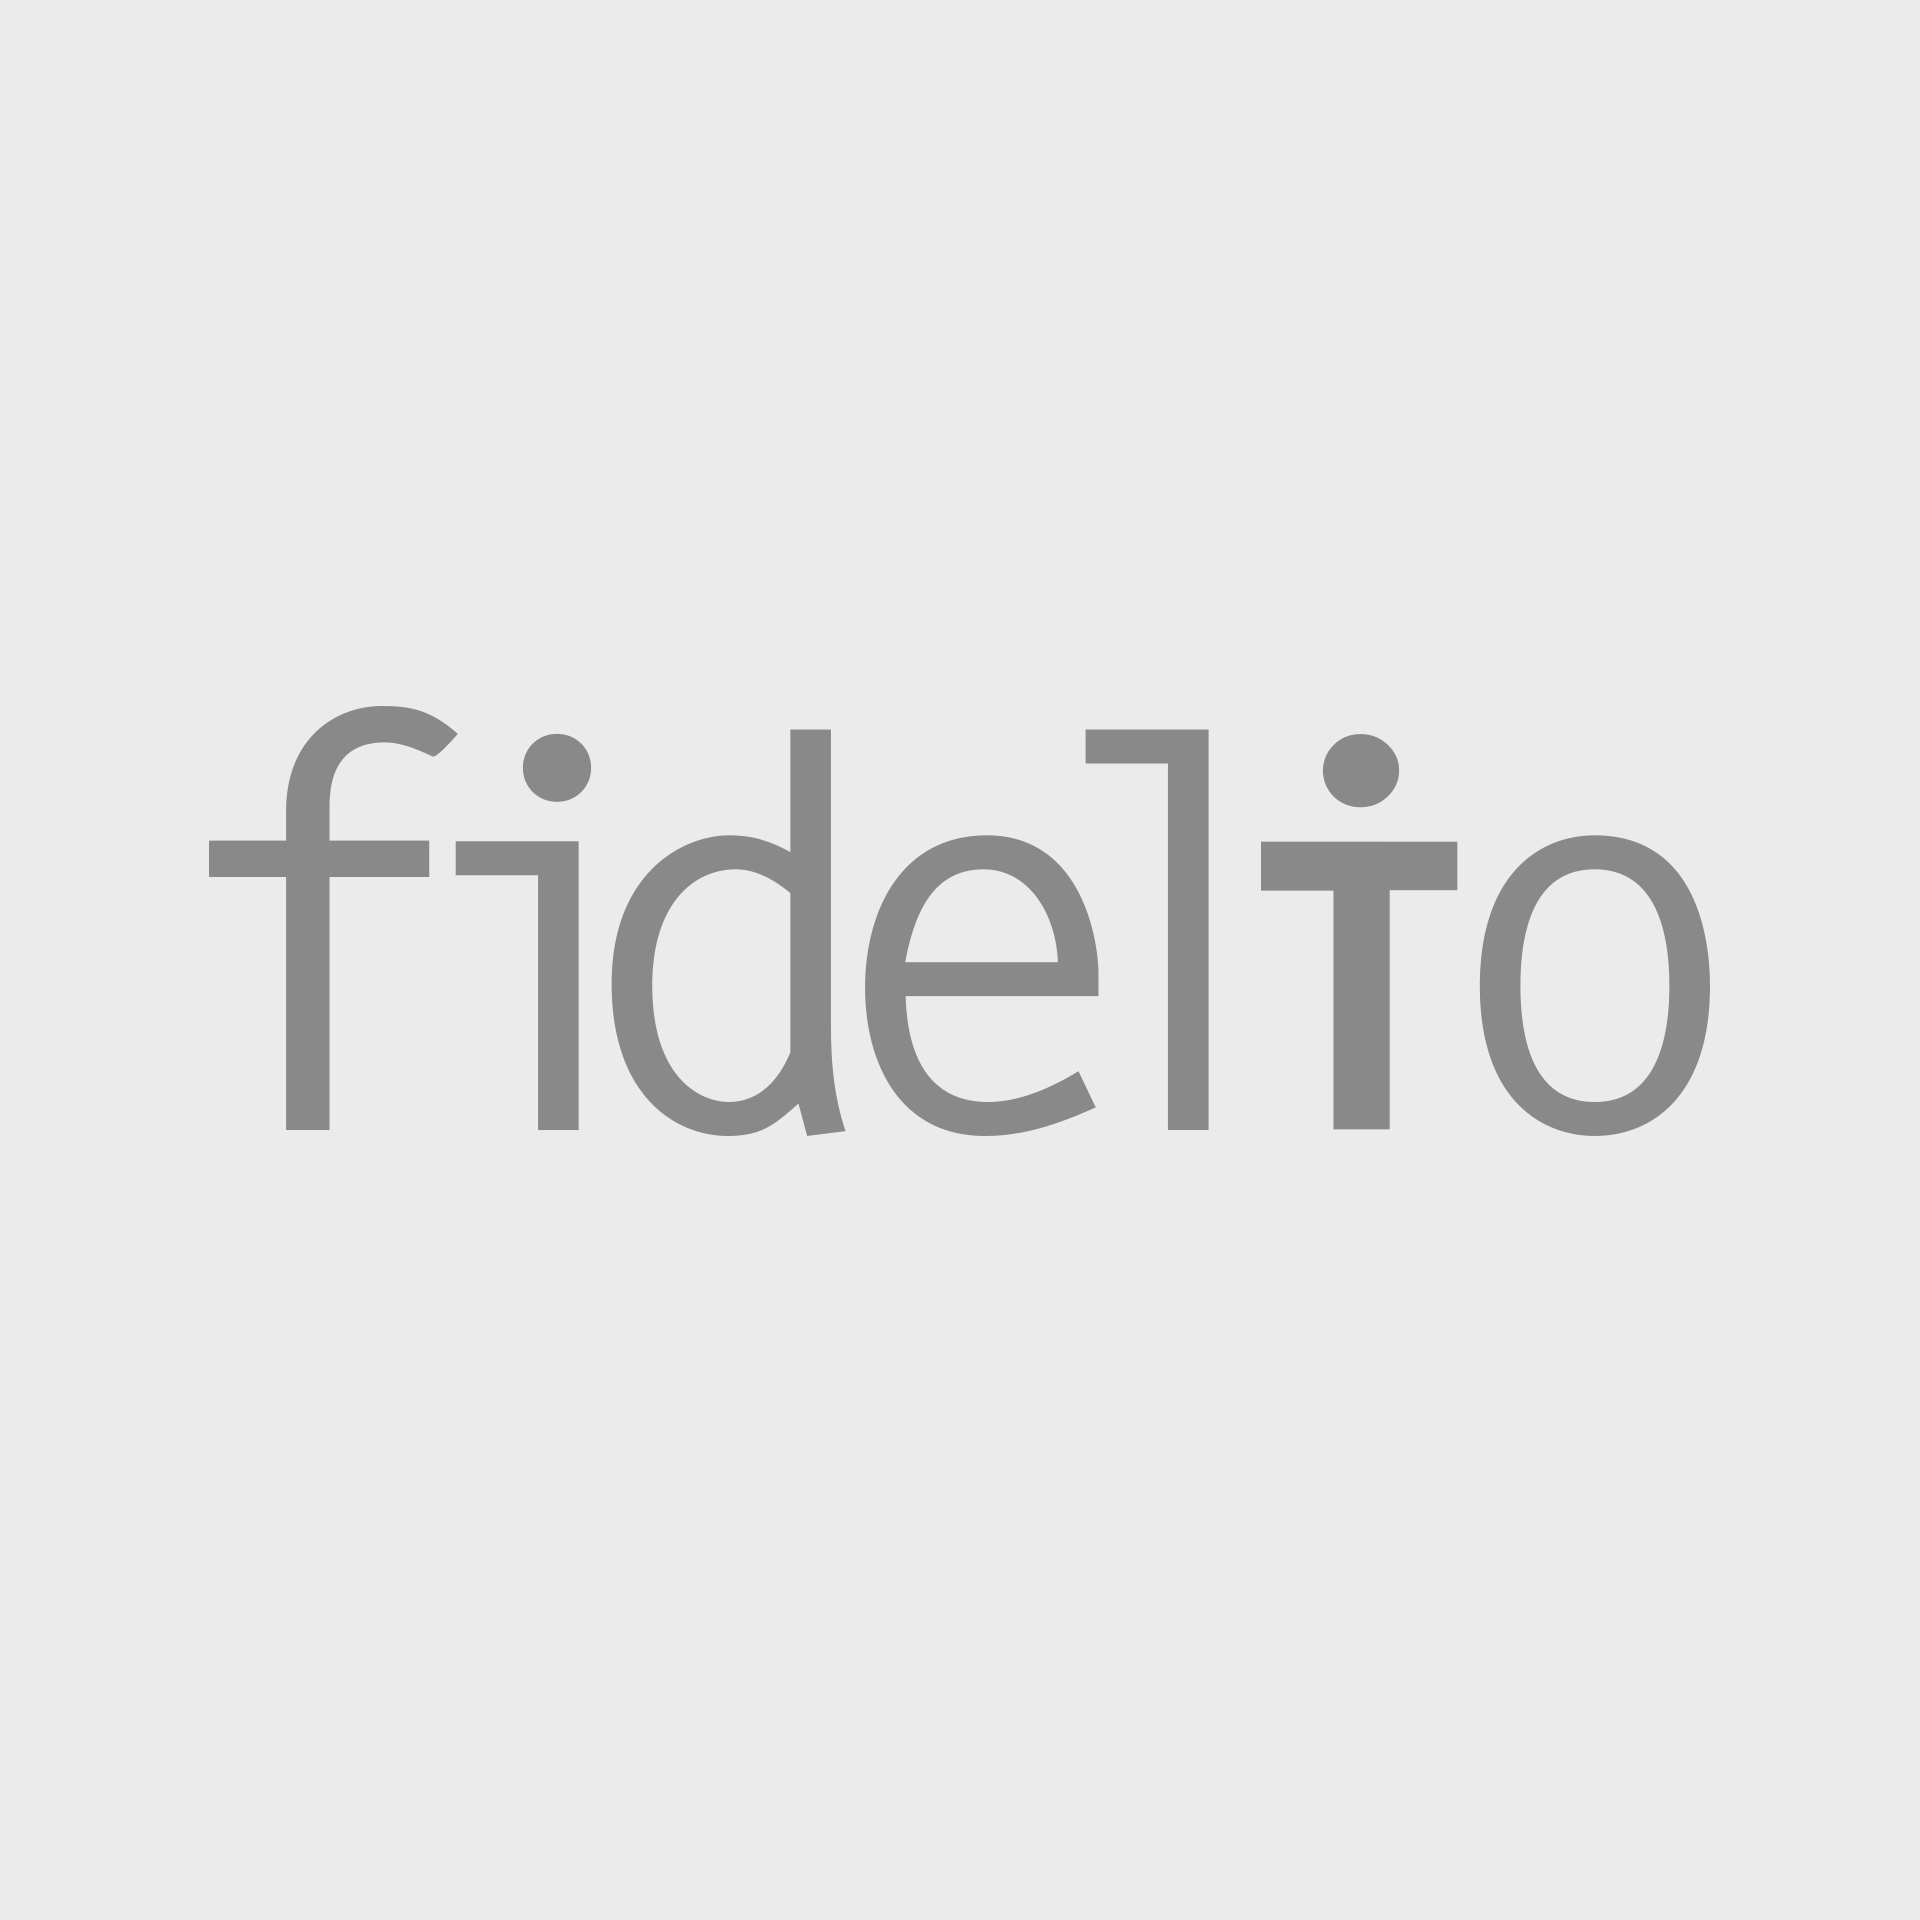 Peter Farago Ingela Klemetz Farago 03 2